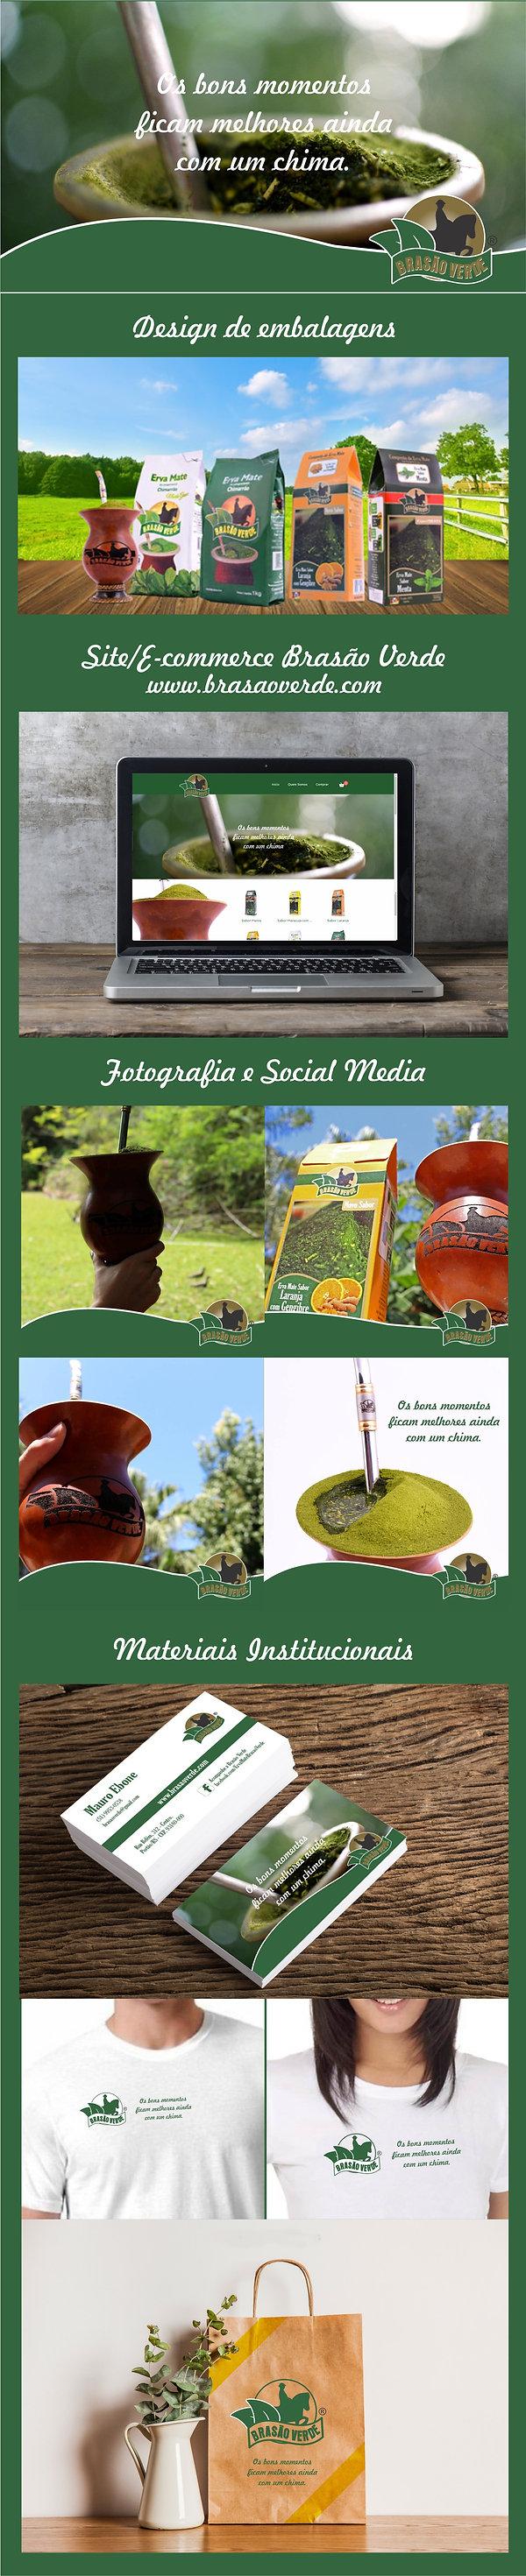 brasao verde - portfolio.jpg